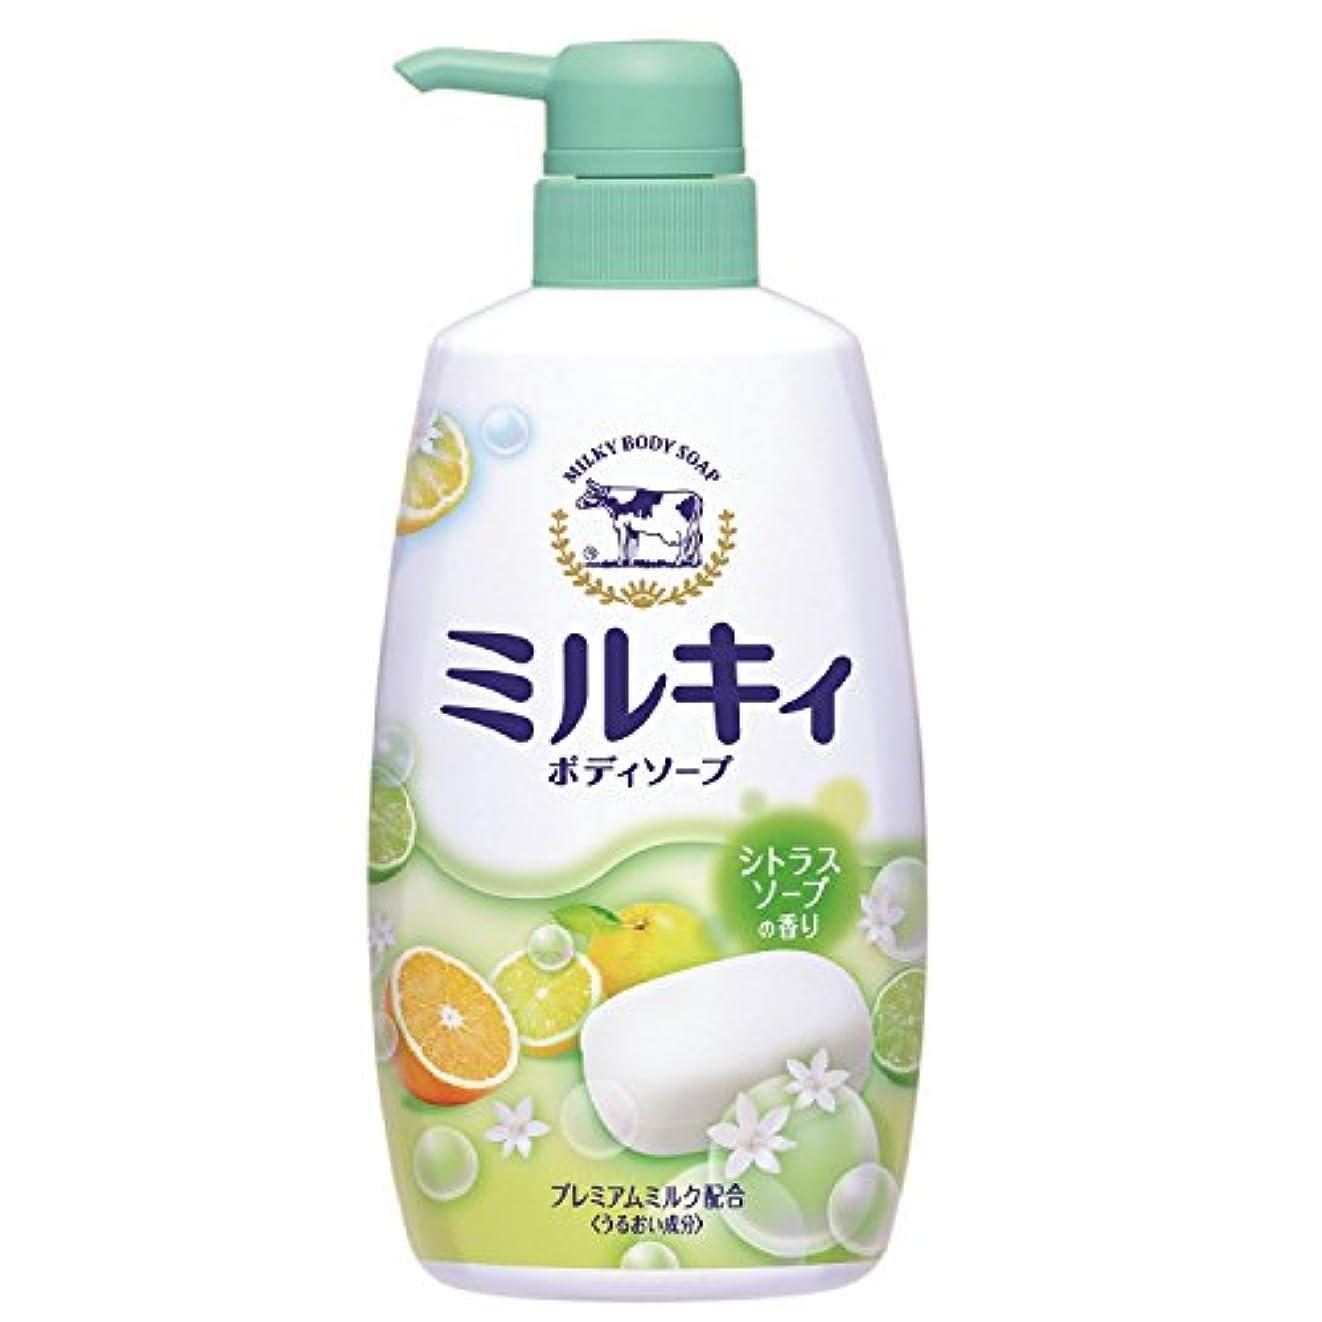 呼吸する療法番目ミルキィボディソープシトラスソープの香り ポンプ  550mL